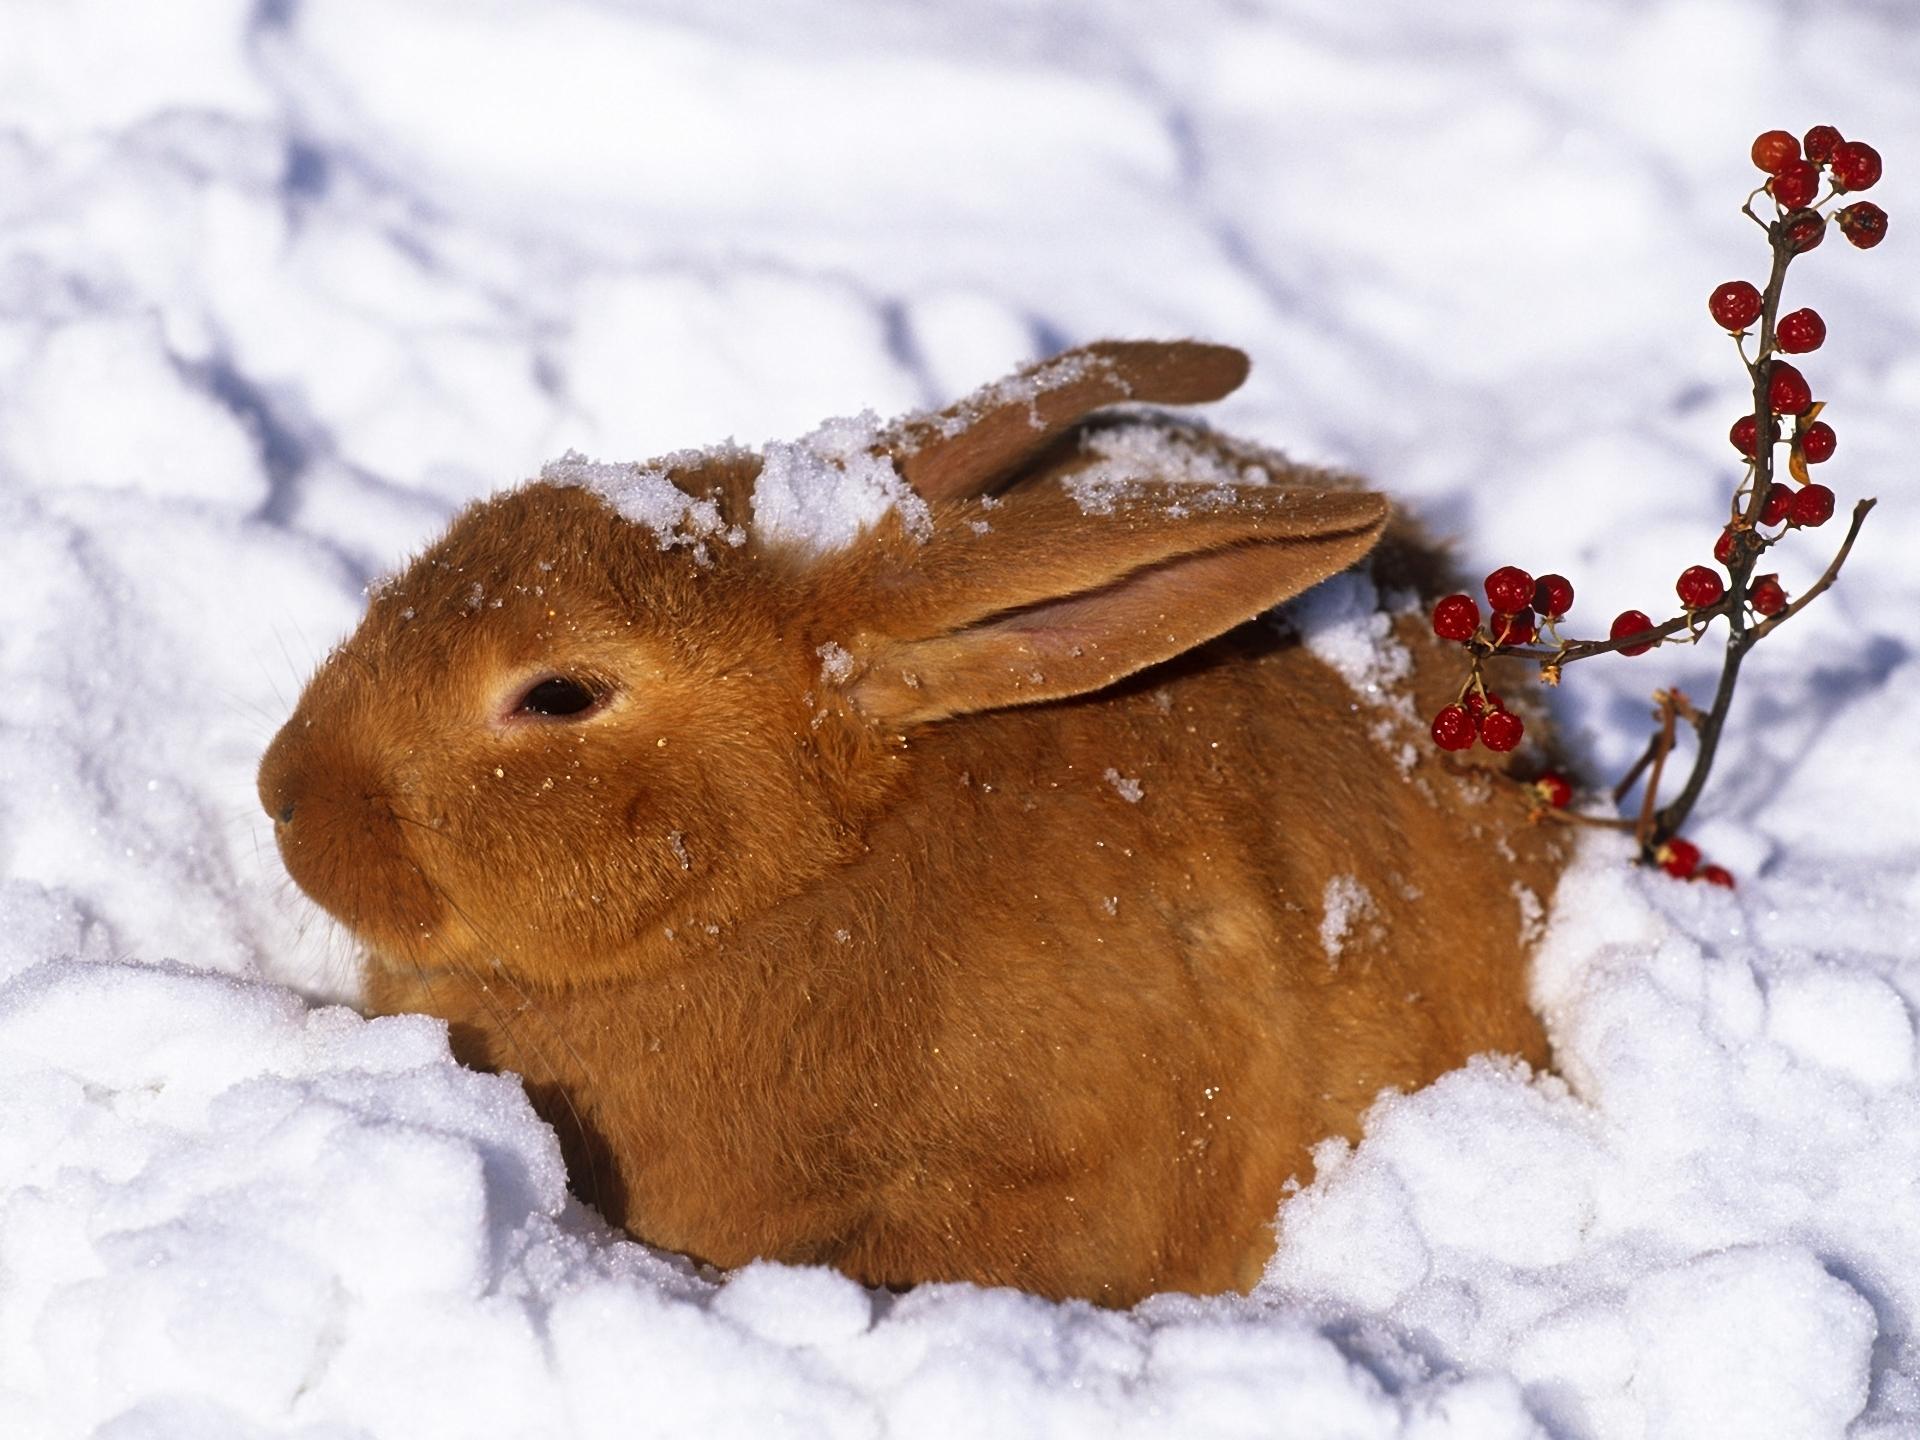 красивые картинки зайца зимой четко, вовремя